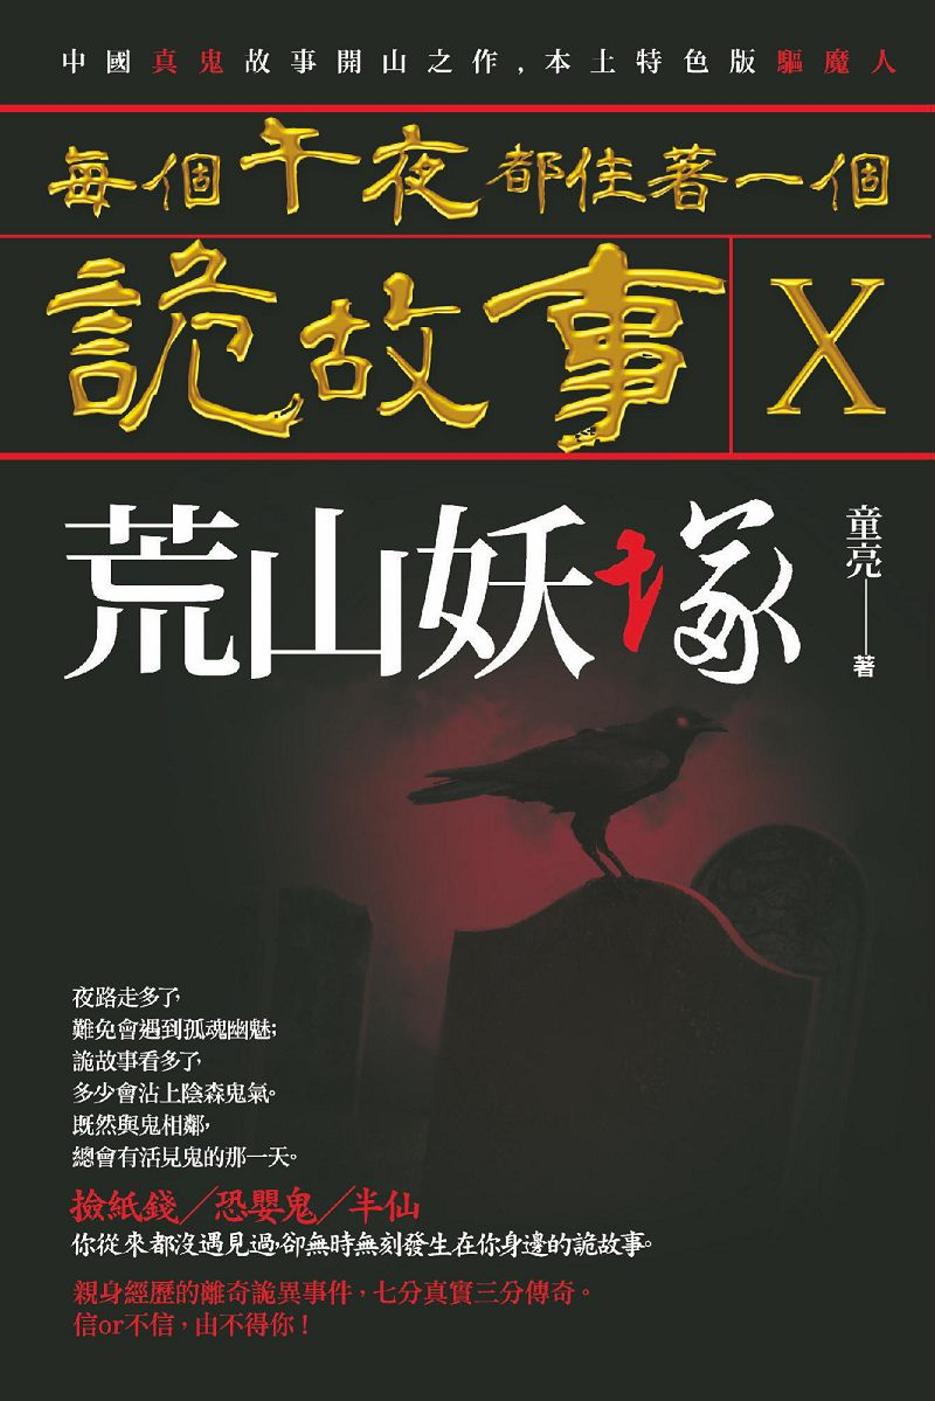 每個午夜都住著一個詭故事X:荒山妖塚